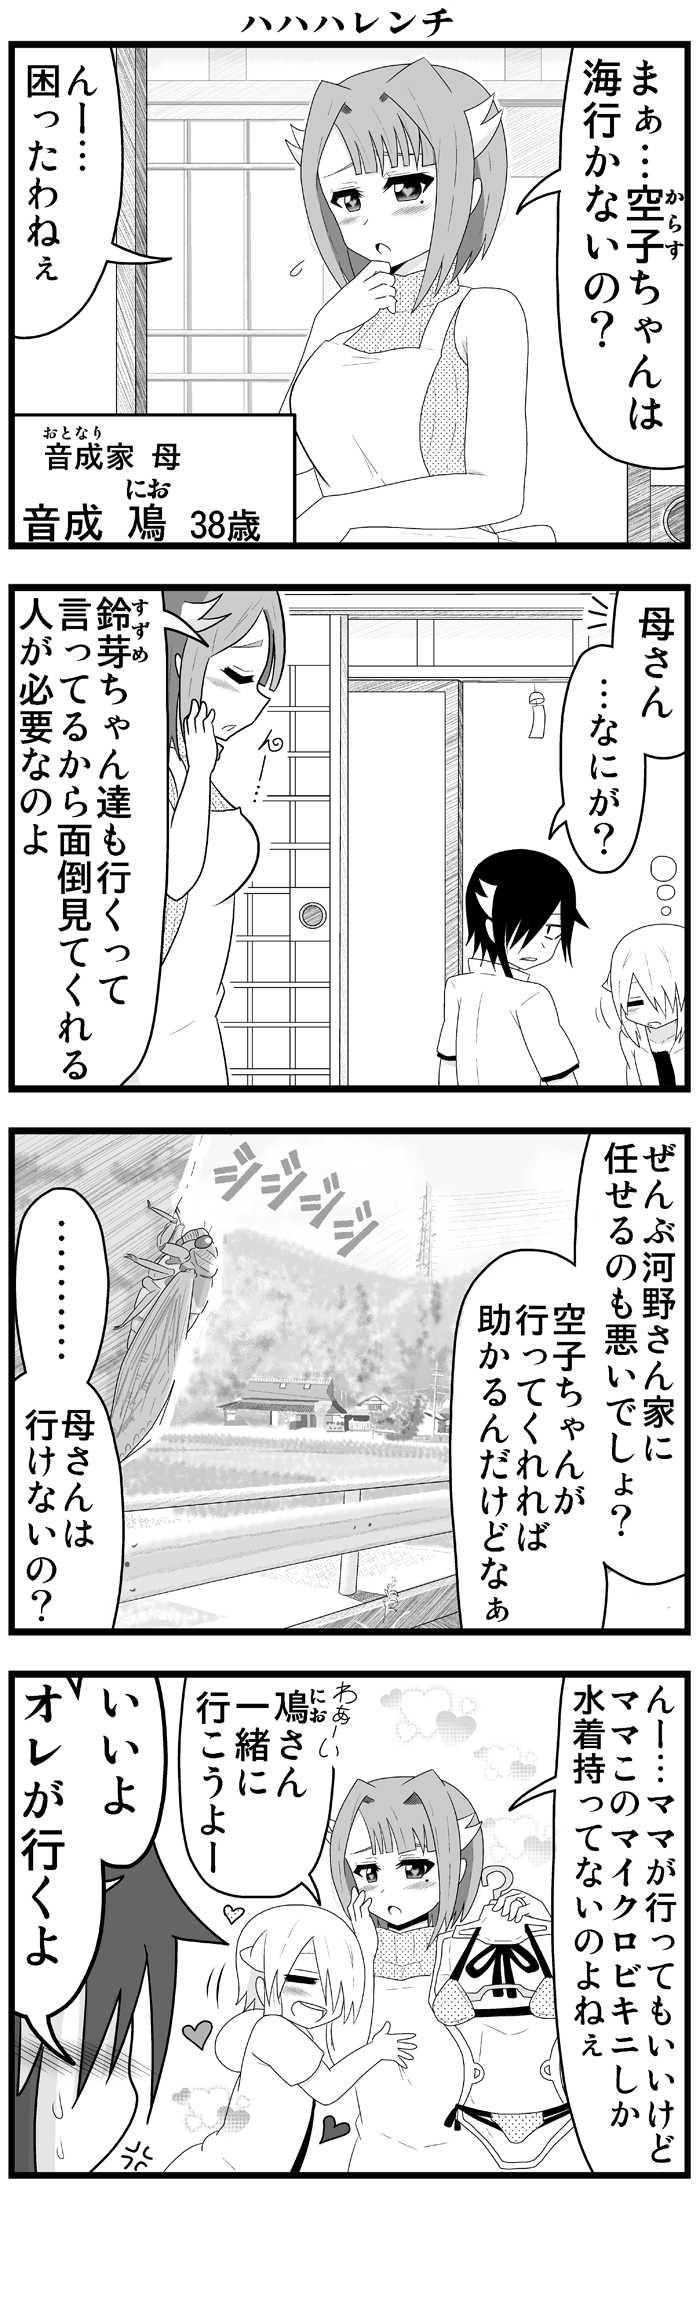 第14話 河野さん家と海水浴 前編